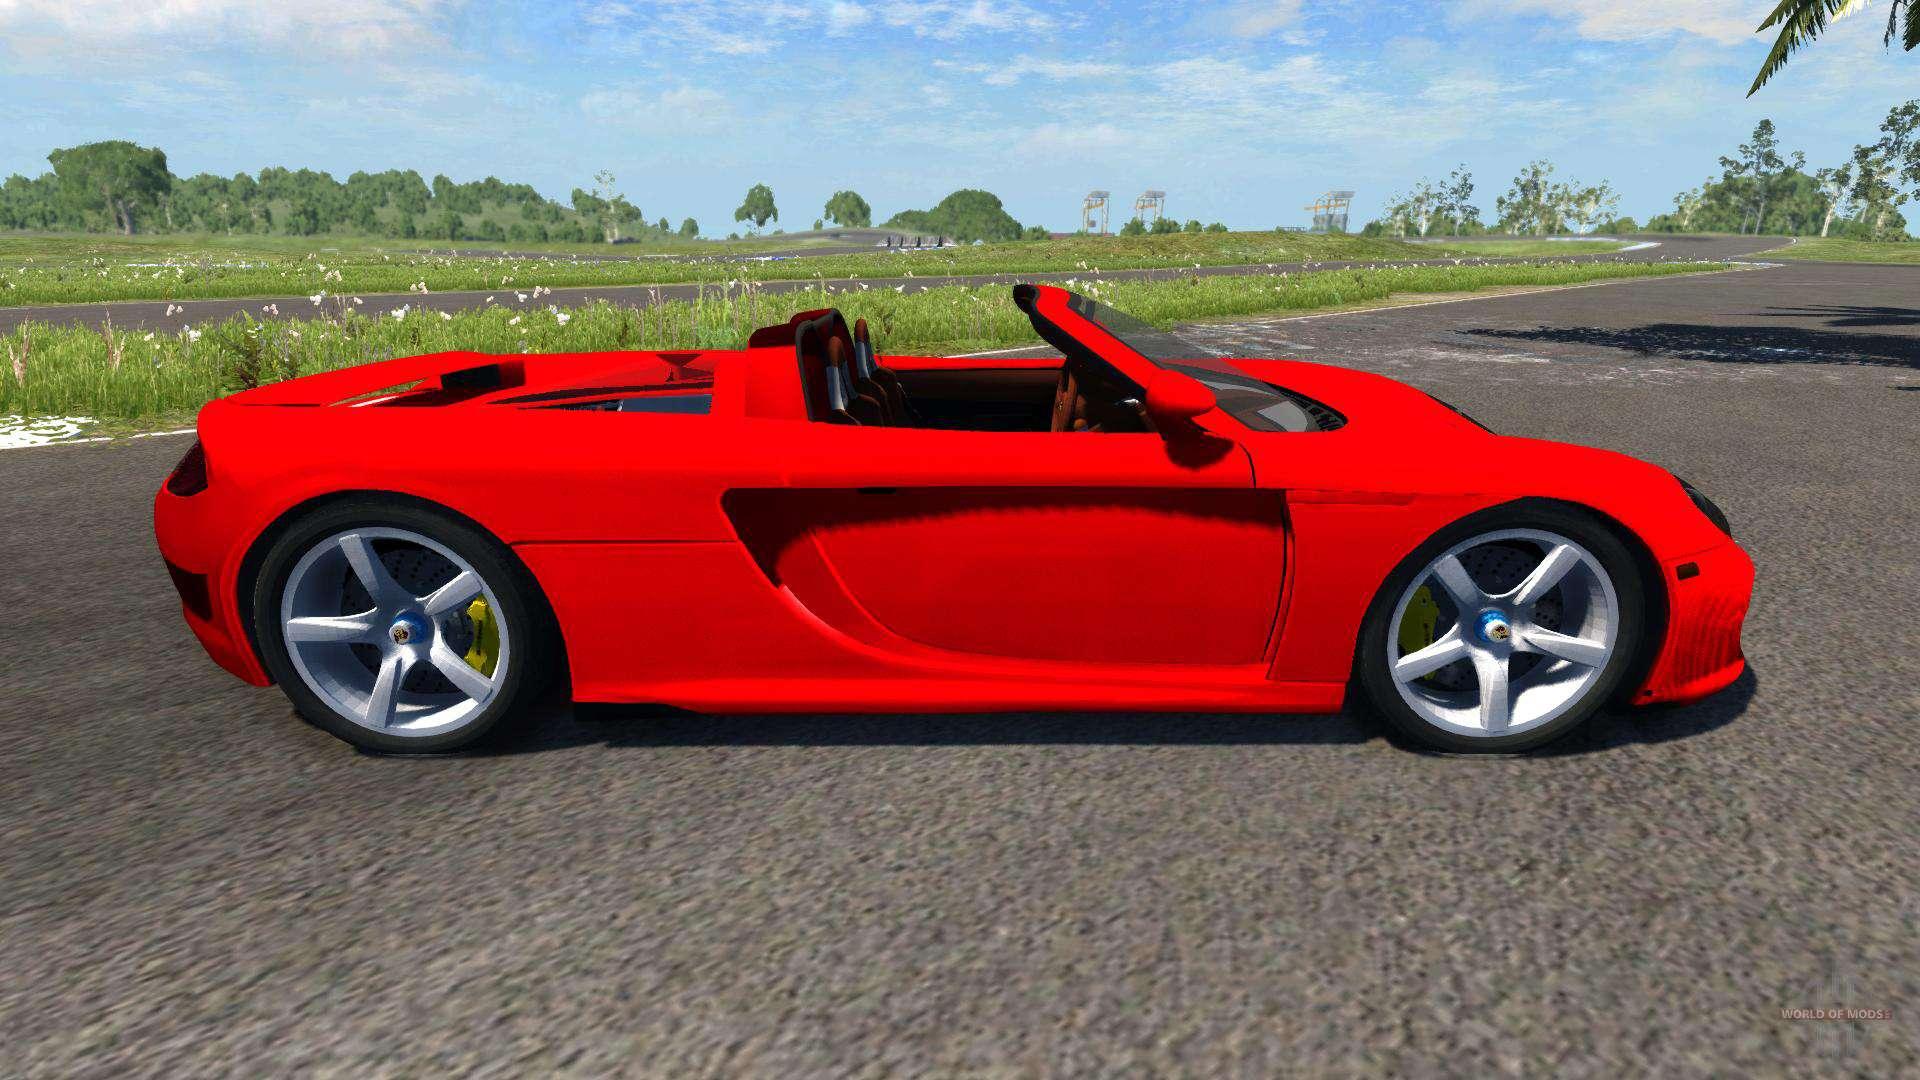 Porsche Carrera GT for BeamNG Drive on porsche sport, porsche truck, porsche boxster, porsche boxter, porsche gtr3, porsche 904 gts, porsche concept, porsche mirage, porsche turbo, porsche cayenne, porsche cayman, porsche gt3rs, porsche macan, porsche gt 2, porsche ruf ctr, porsche gt3,